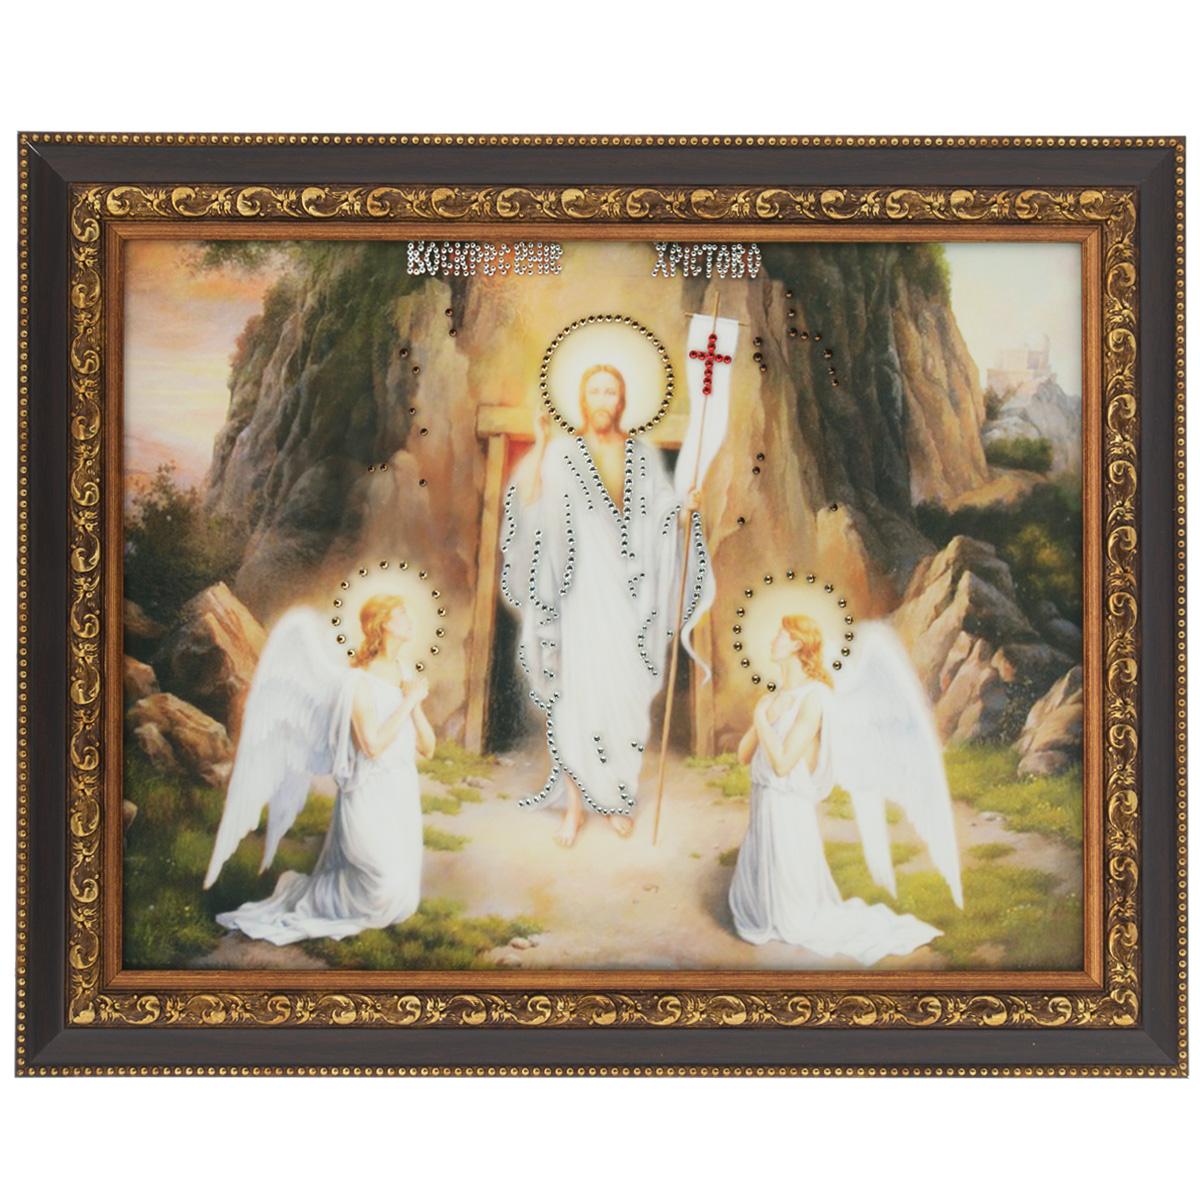 Картина с кристаллами Swarovski Воскресение Христово, 47,5 х 37,5 см1520Изящная картина в багетной раме, инкрустирована кристаллами Swarovski, которые отличаются четкой и ровной огранкой, ярким блеском и чистотой цвета. Красочное изображение Воскресение Христово, расположенное под стеклом, прекрасно дополняет блеск кристаллов. С обратной стороны имеется металлическая проволока для размещения картины на стене. Картина с кристаллами Swarovski Воскресение Христово элегантно украсит интерьер дома или офиса, а также станет прекрасным подарком, который обязательно понравится получателю. Блеск кристаллов в интерьере, что может быть сказочнее и удивительнее. Картина упакована в подарочную картонную коробку синего цвета и комплектуется сертификатом соответствия Swarovski.